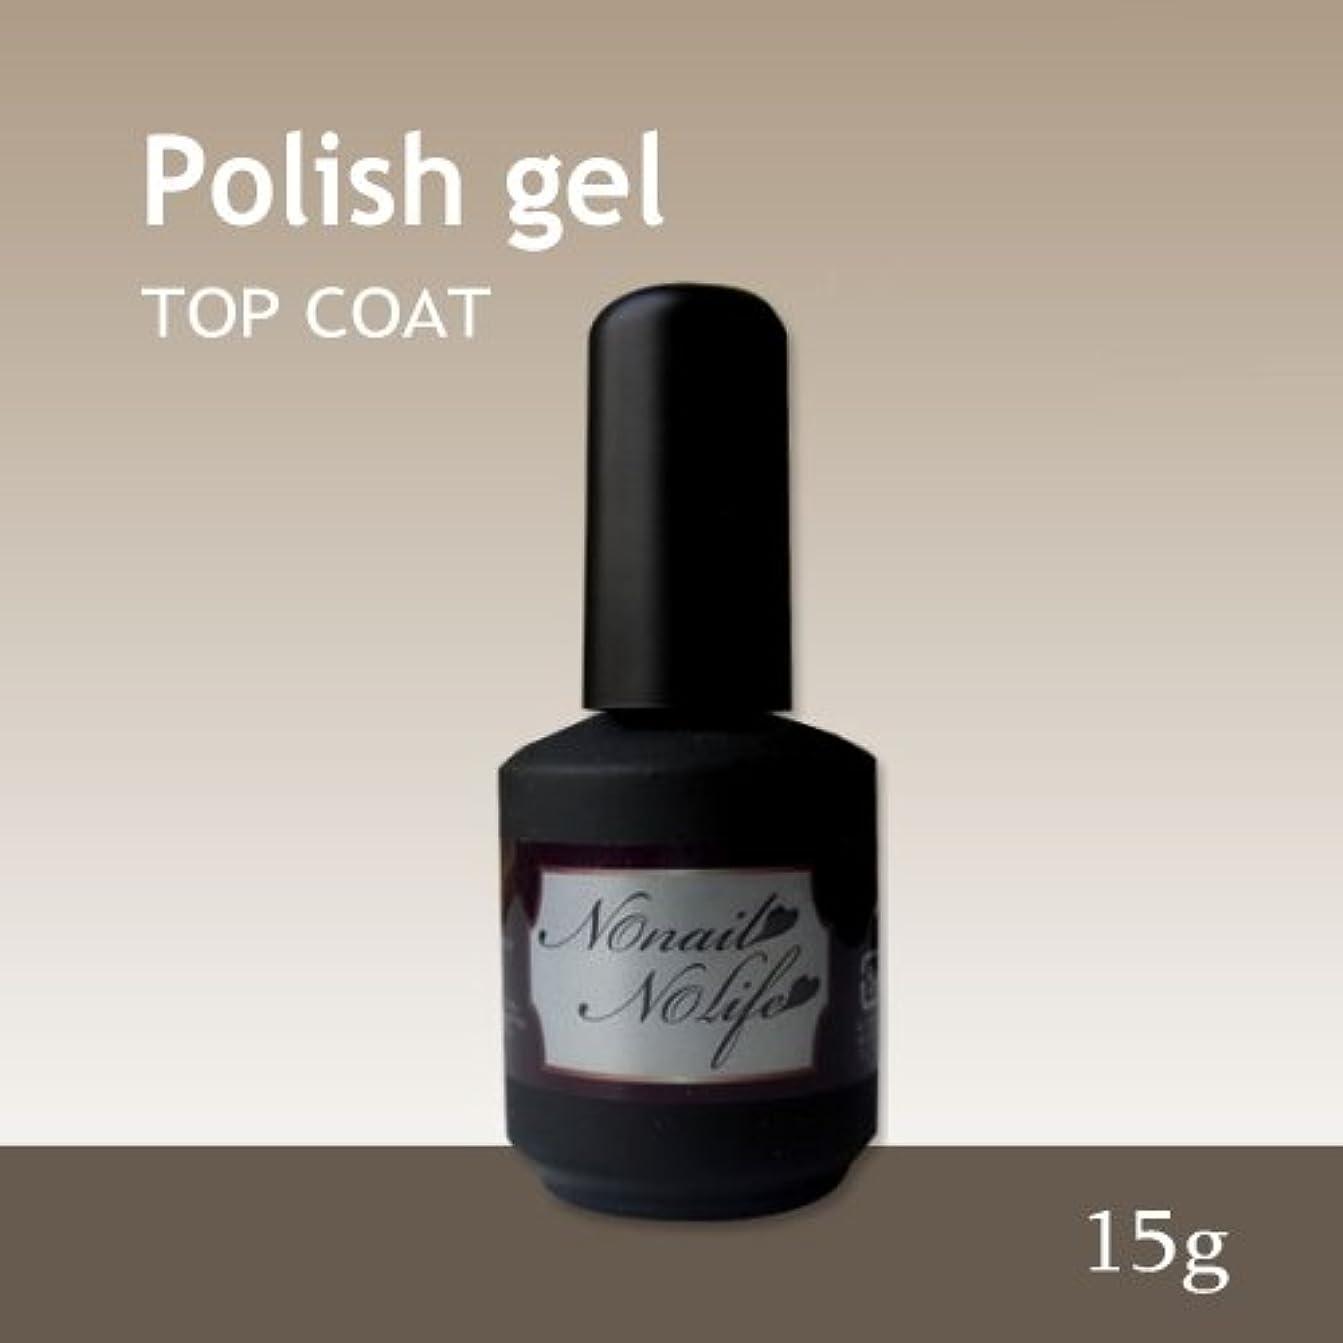 ジェスチャールームバレーボールジェルネイル《爪に優しいトップコートジェル》Natural Polish ポリッシュトップジェル(15g)